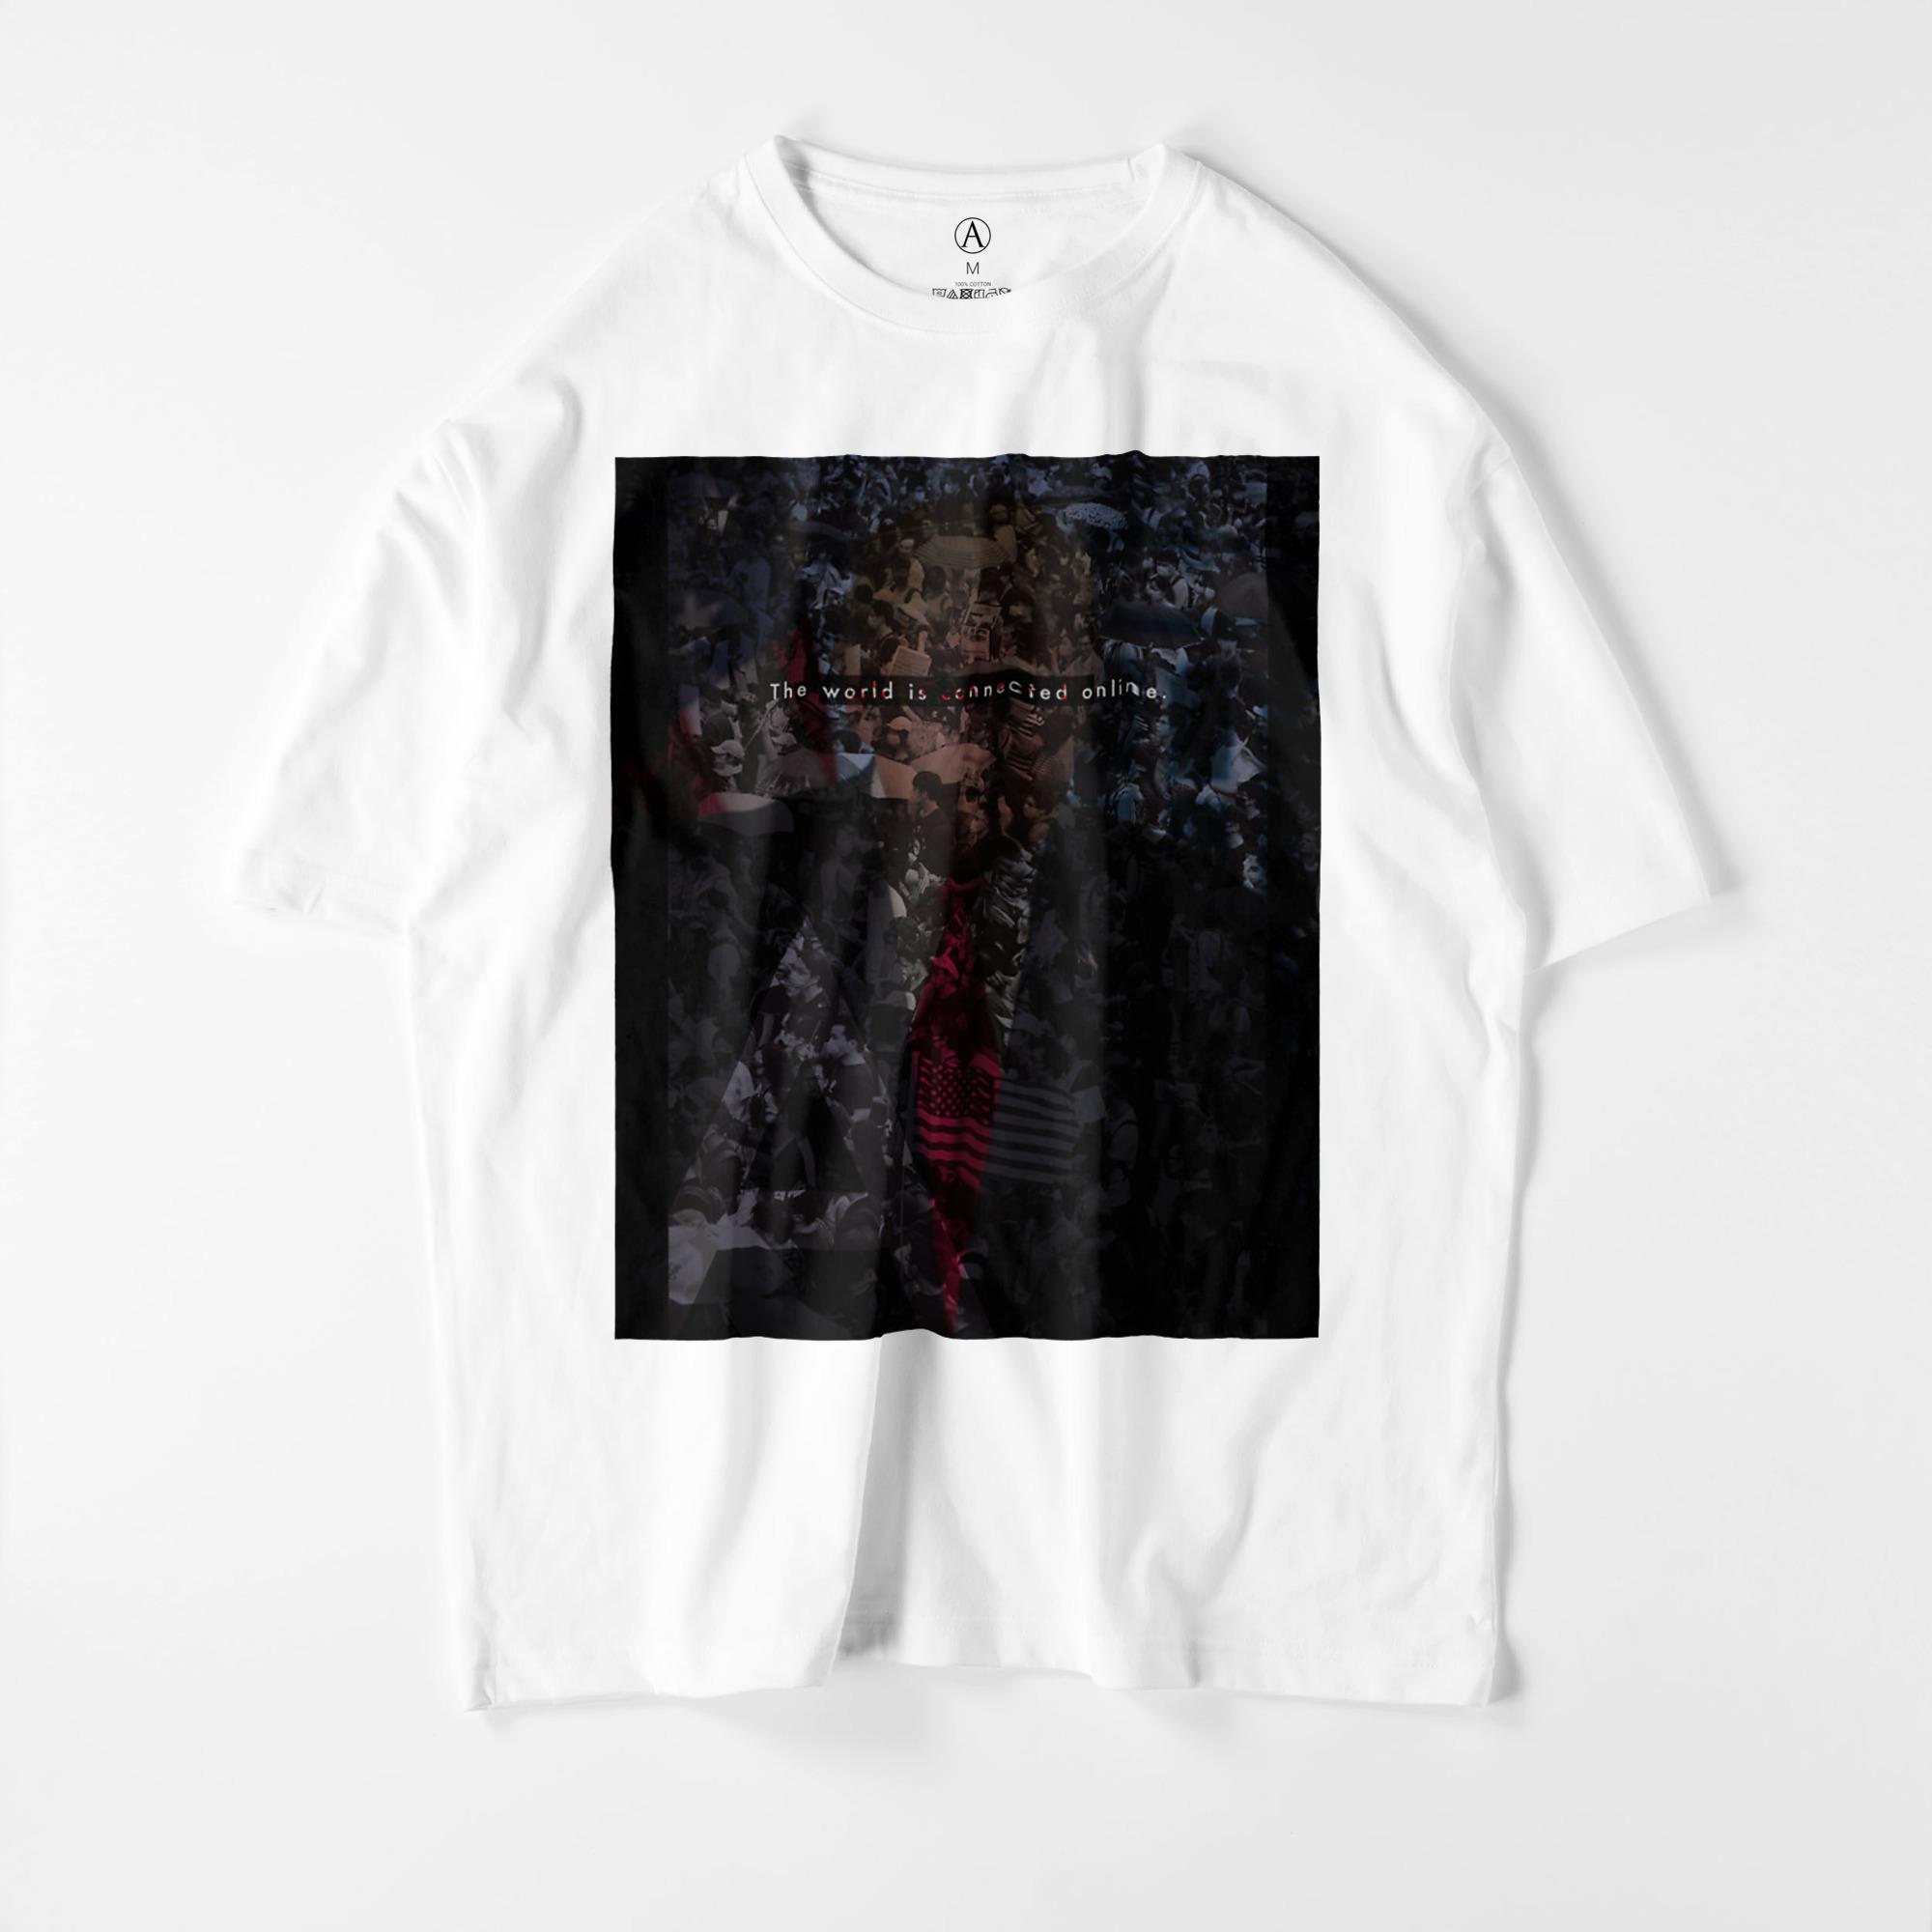 TWICO ビッグシルエットTシャツ ホワイト / Mens